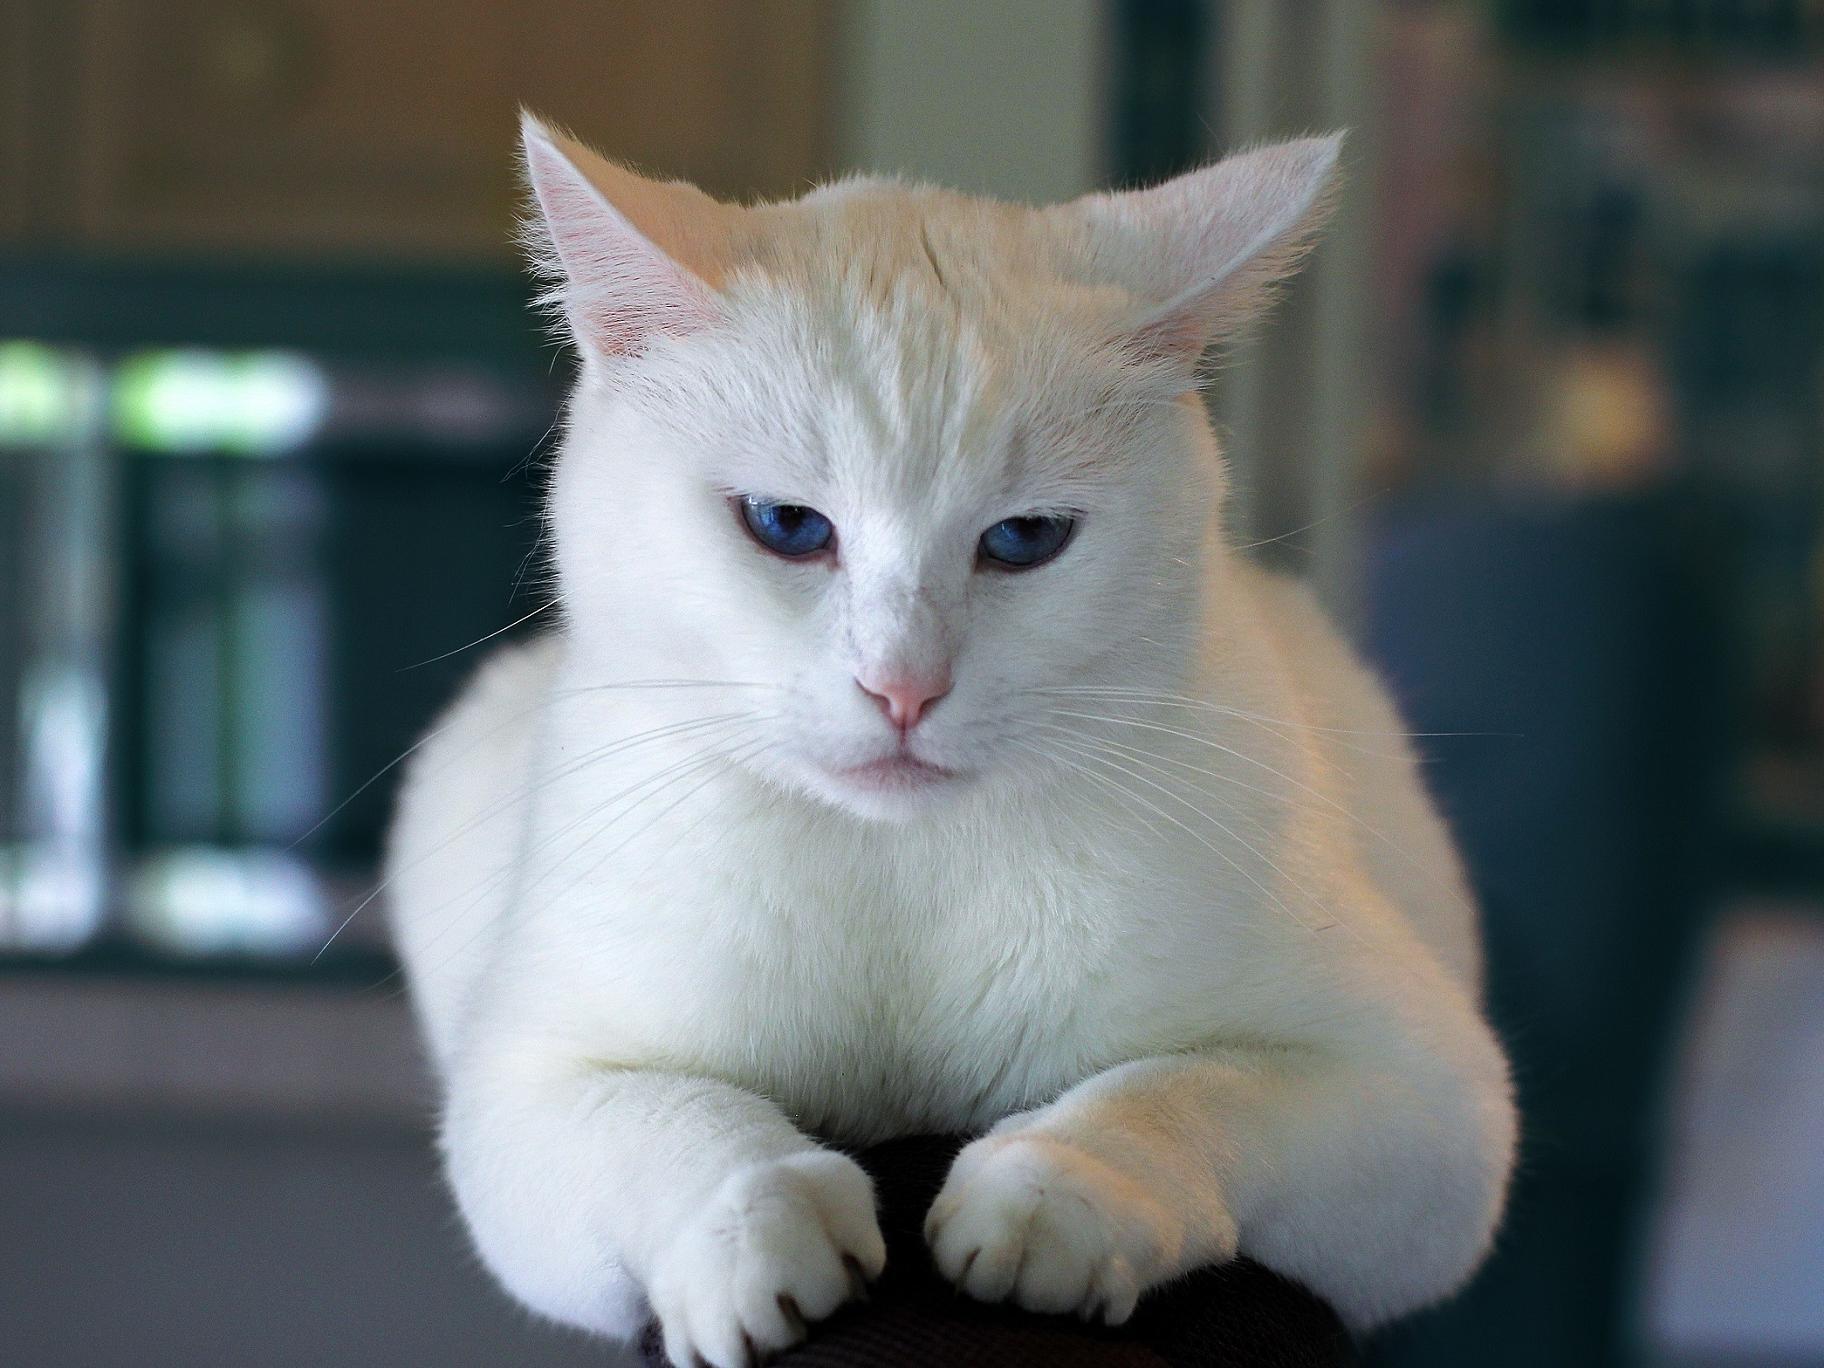 image libre mignon animal de compagnie portrait oeil chat chat blanc domestique animal. Black Bedroom Furniture Sets. Home Design Ideas